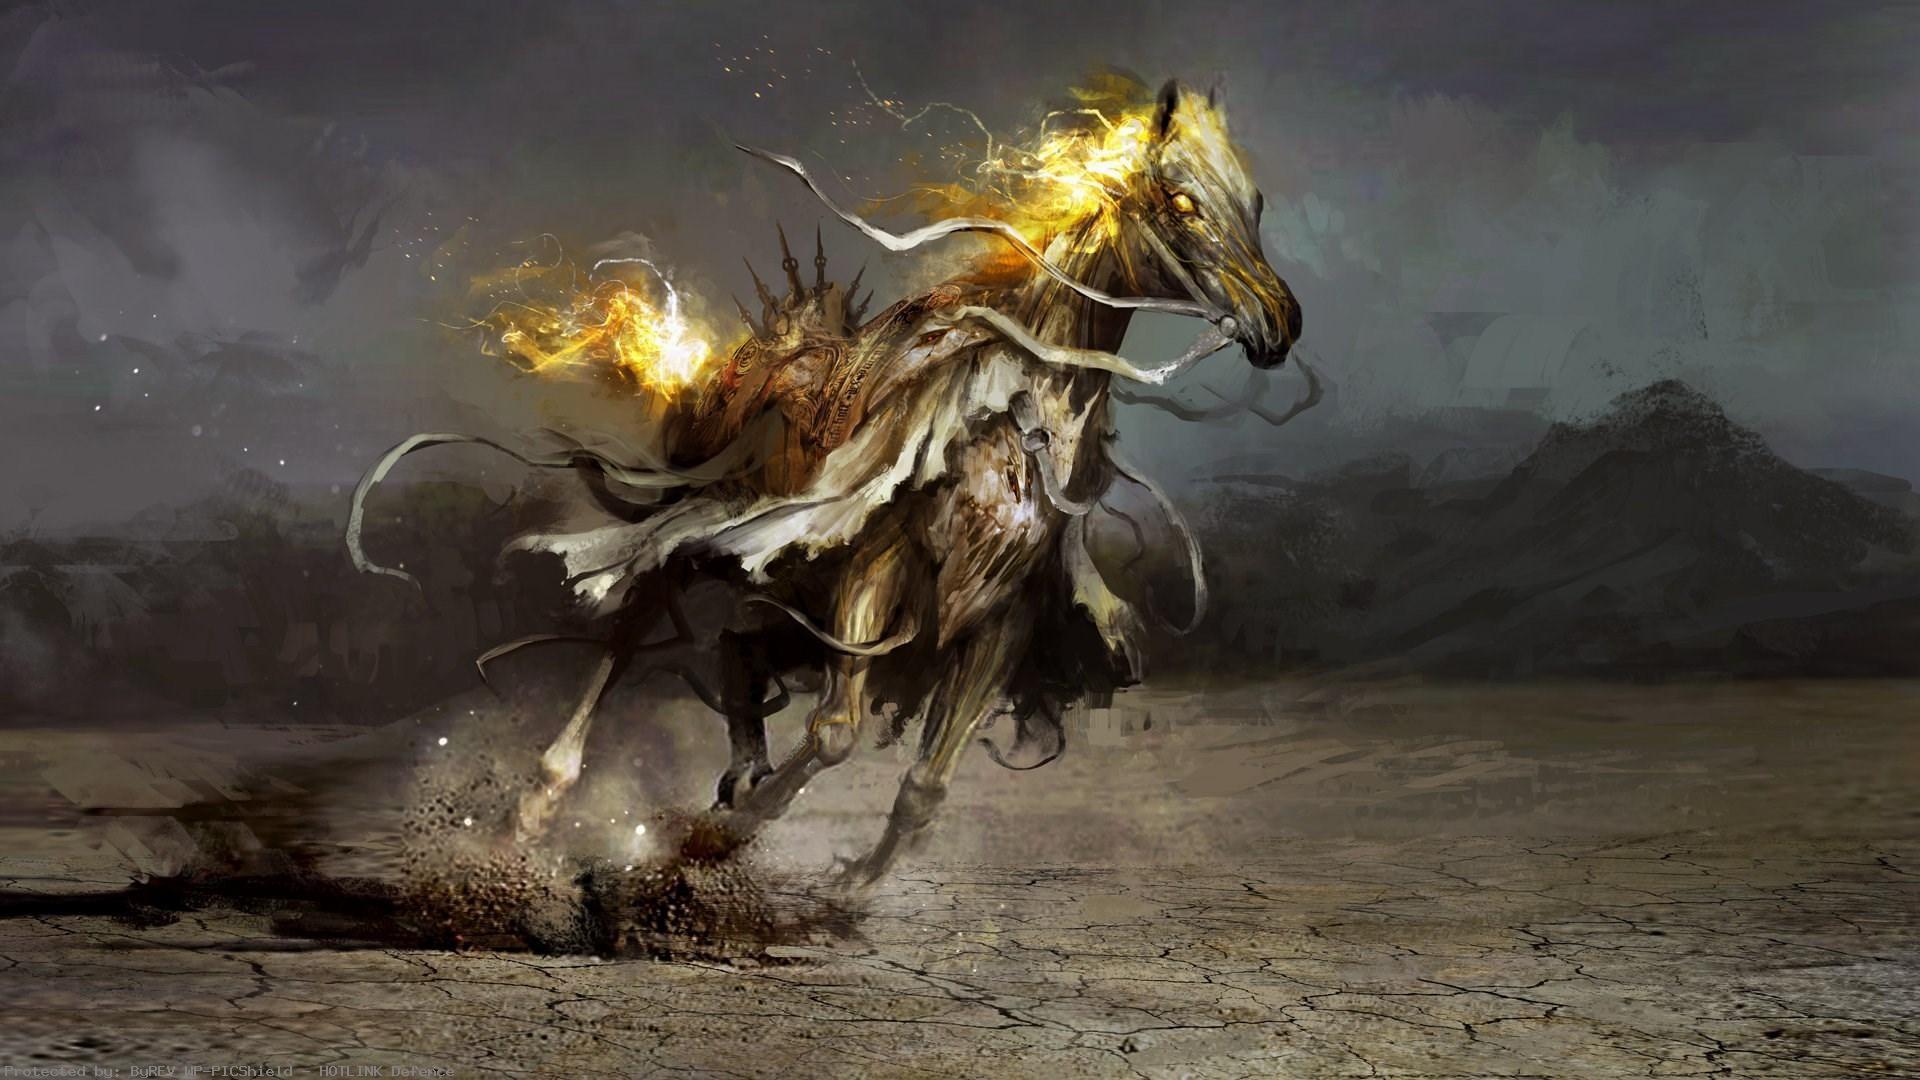 1920×1080-high-resolution-widescreen-horse-wallpaper-wpc900894